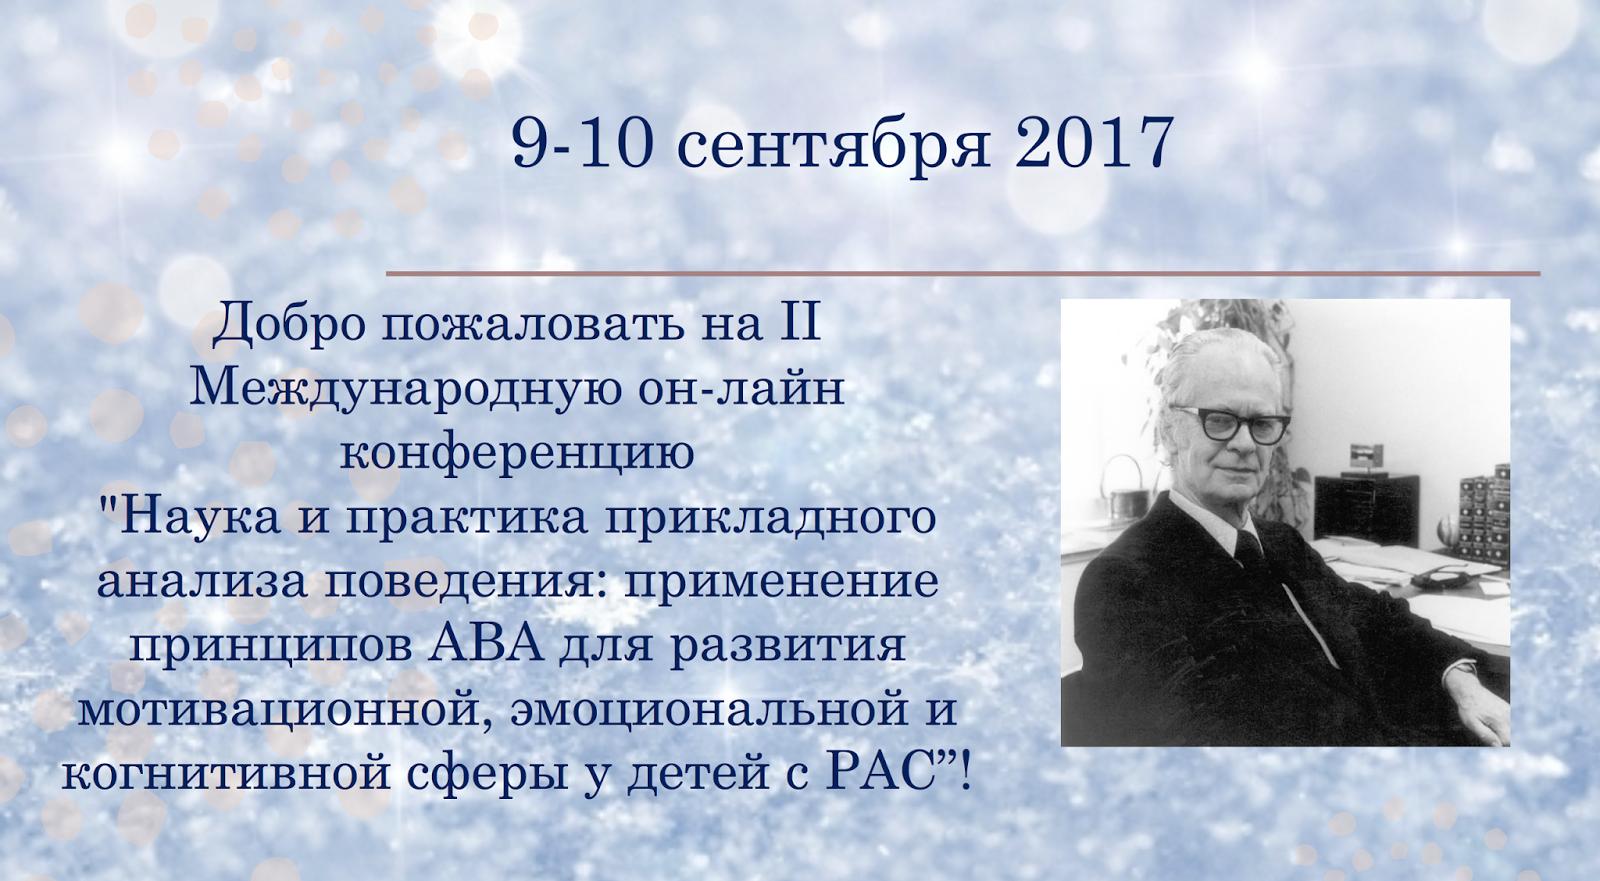 ablls-r тест скачать на русском